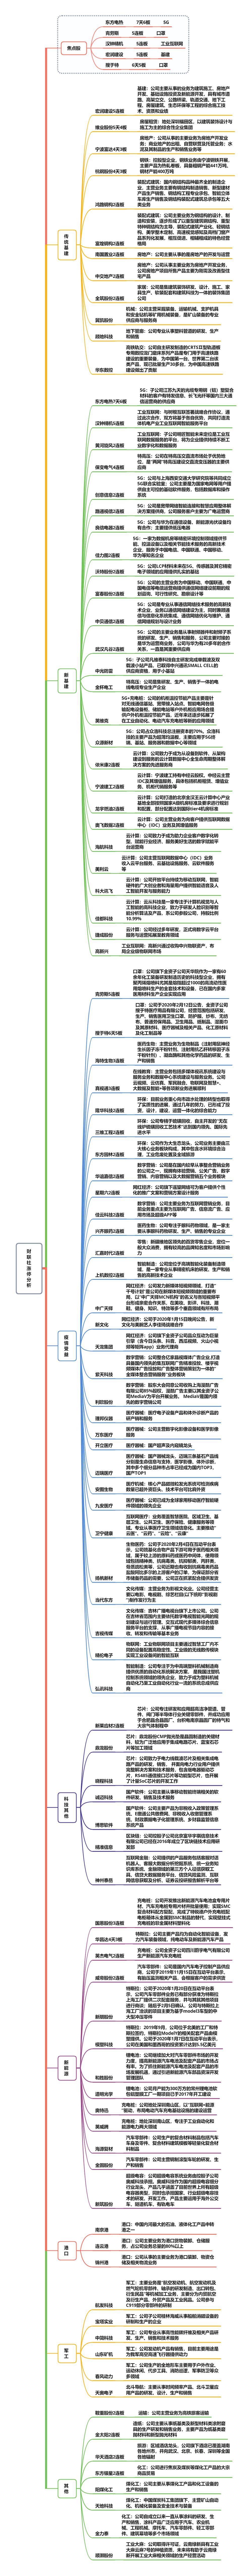 【财联社午报】创业板指大涨近4%  新基建延续强势